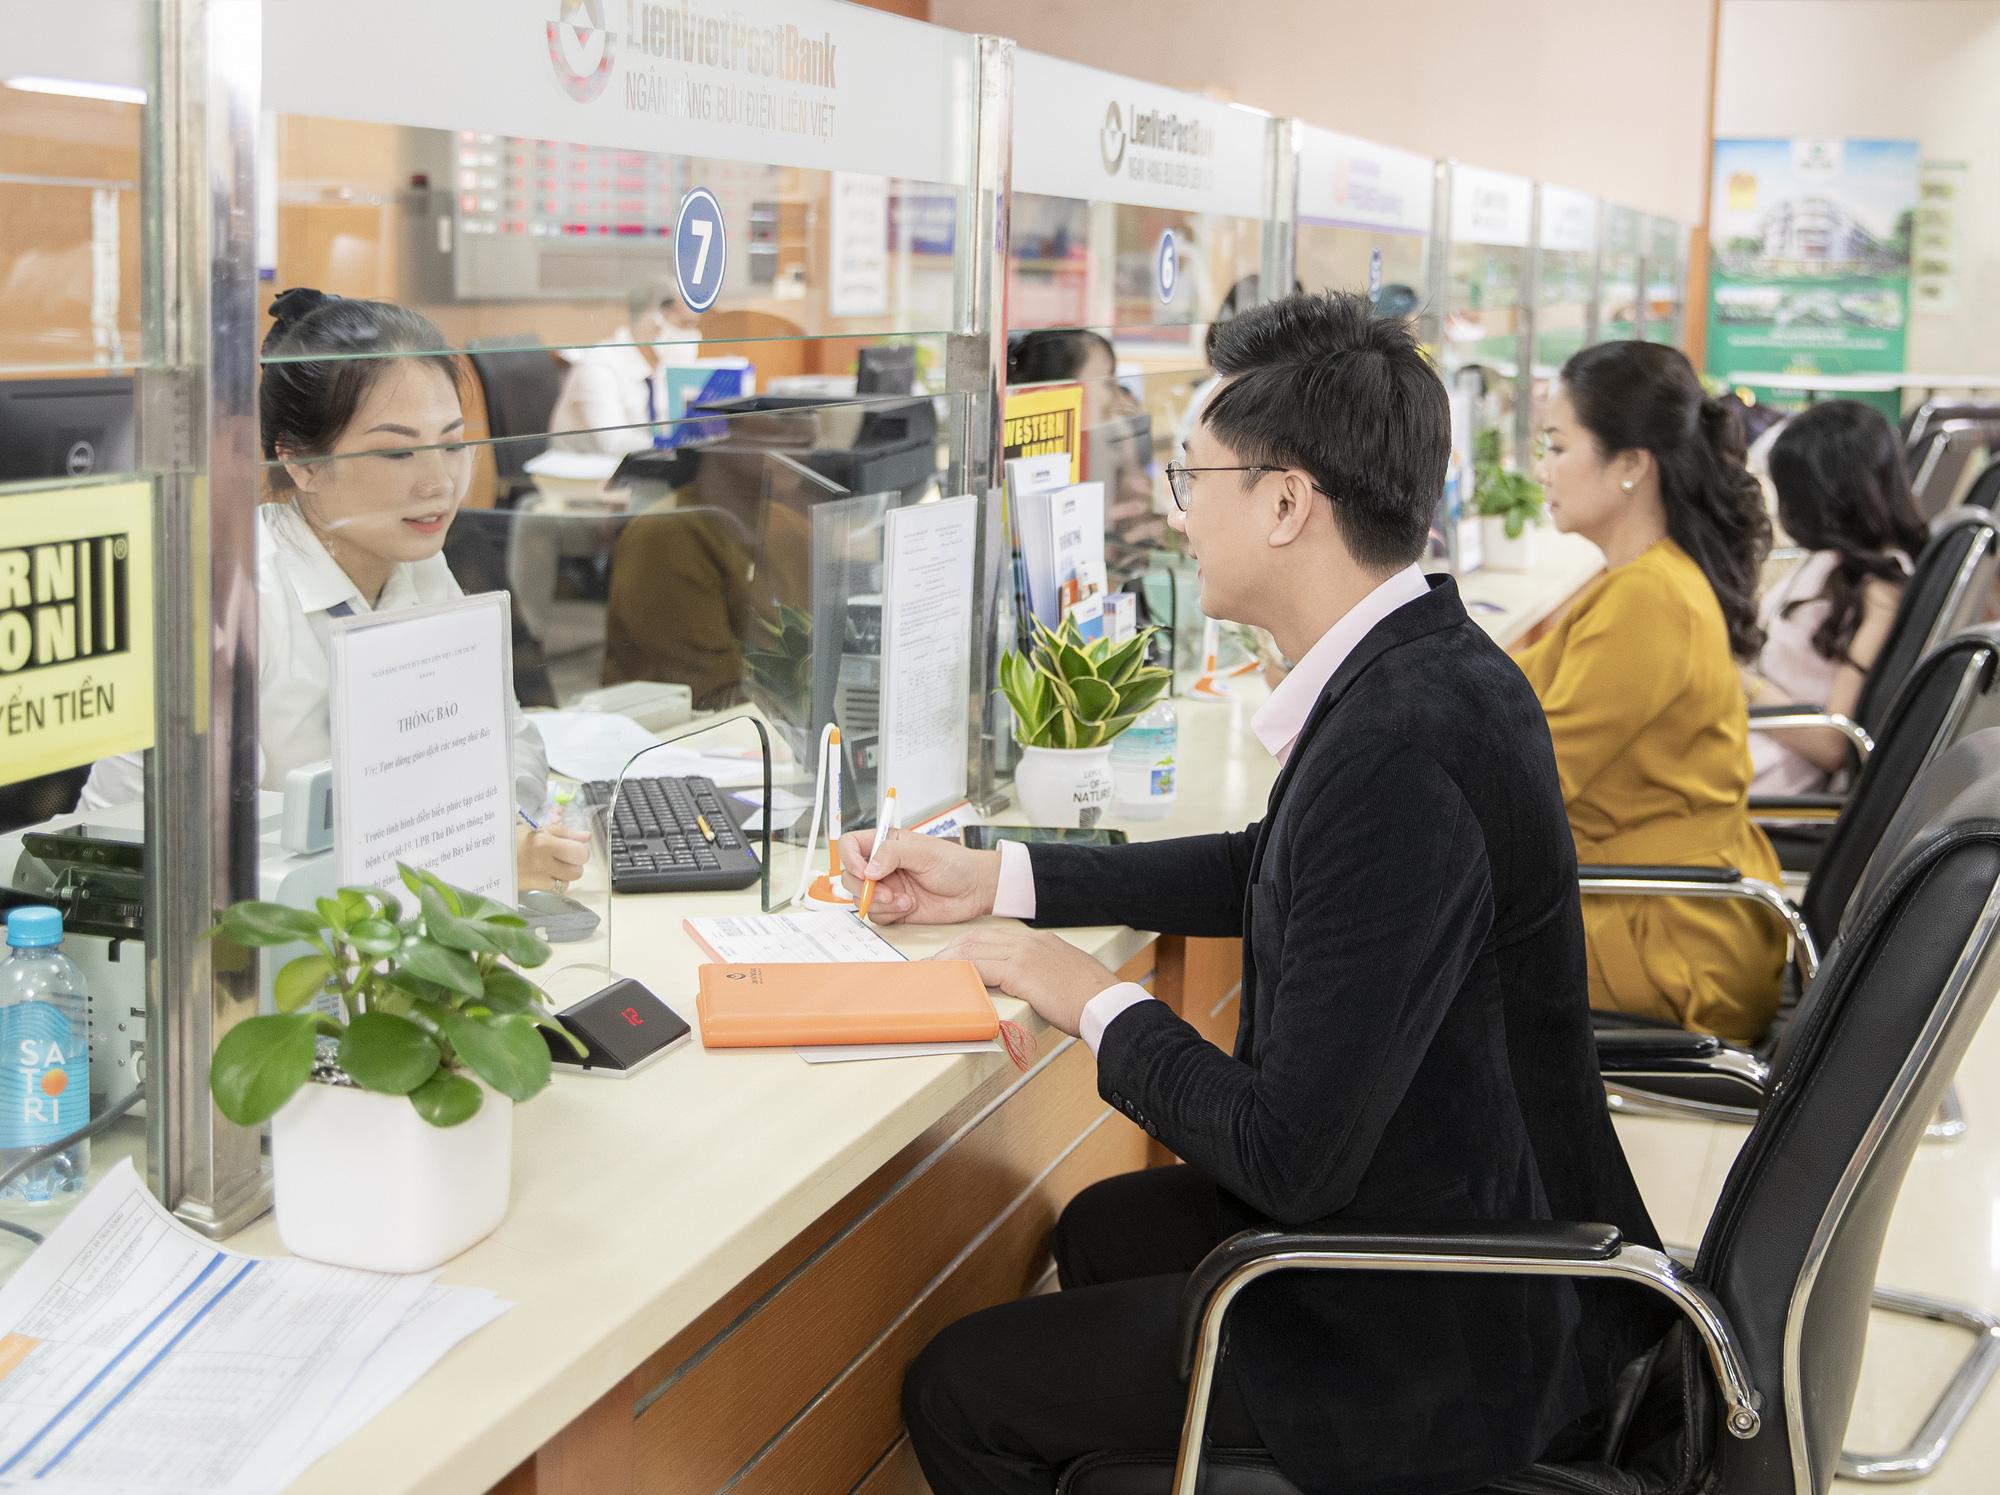 Chuyển tiền quốc tế qua LienVietPostBank nhận nhiều ưu đãi - Ảnh 1.